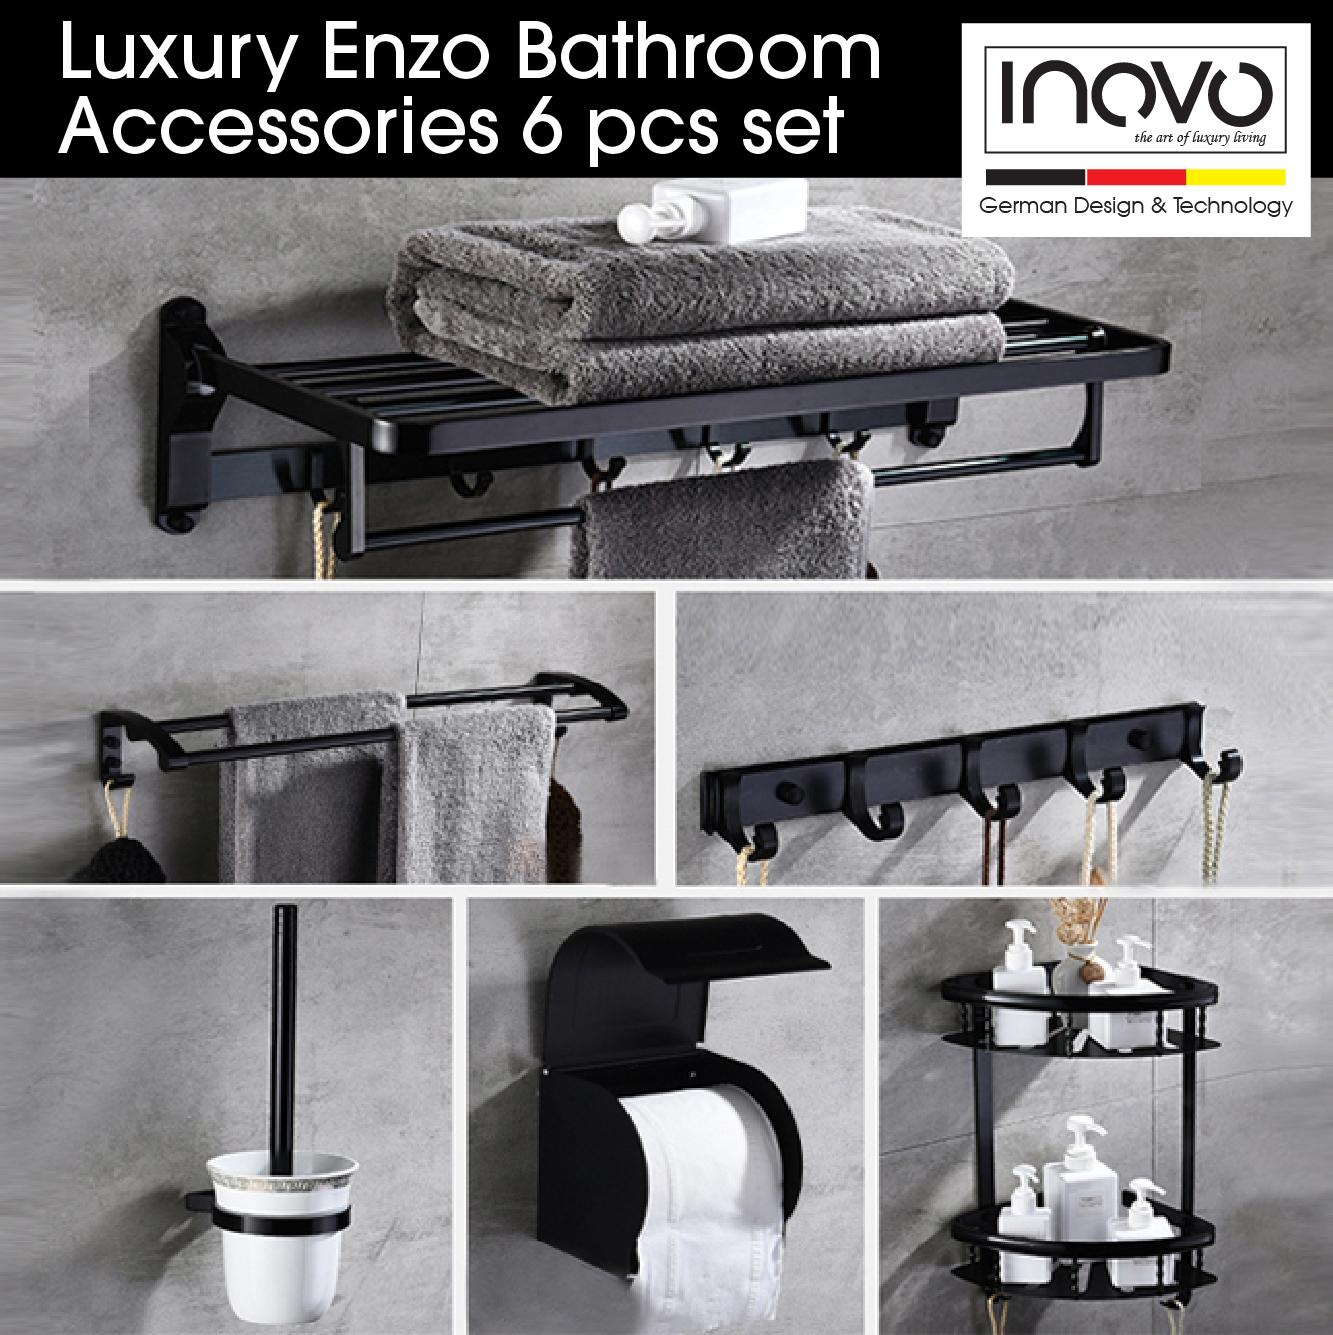 Inovo Enzo Bathroom Accessories In